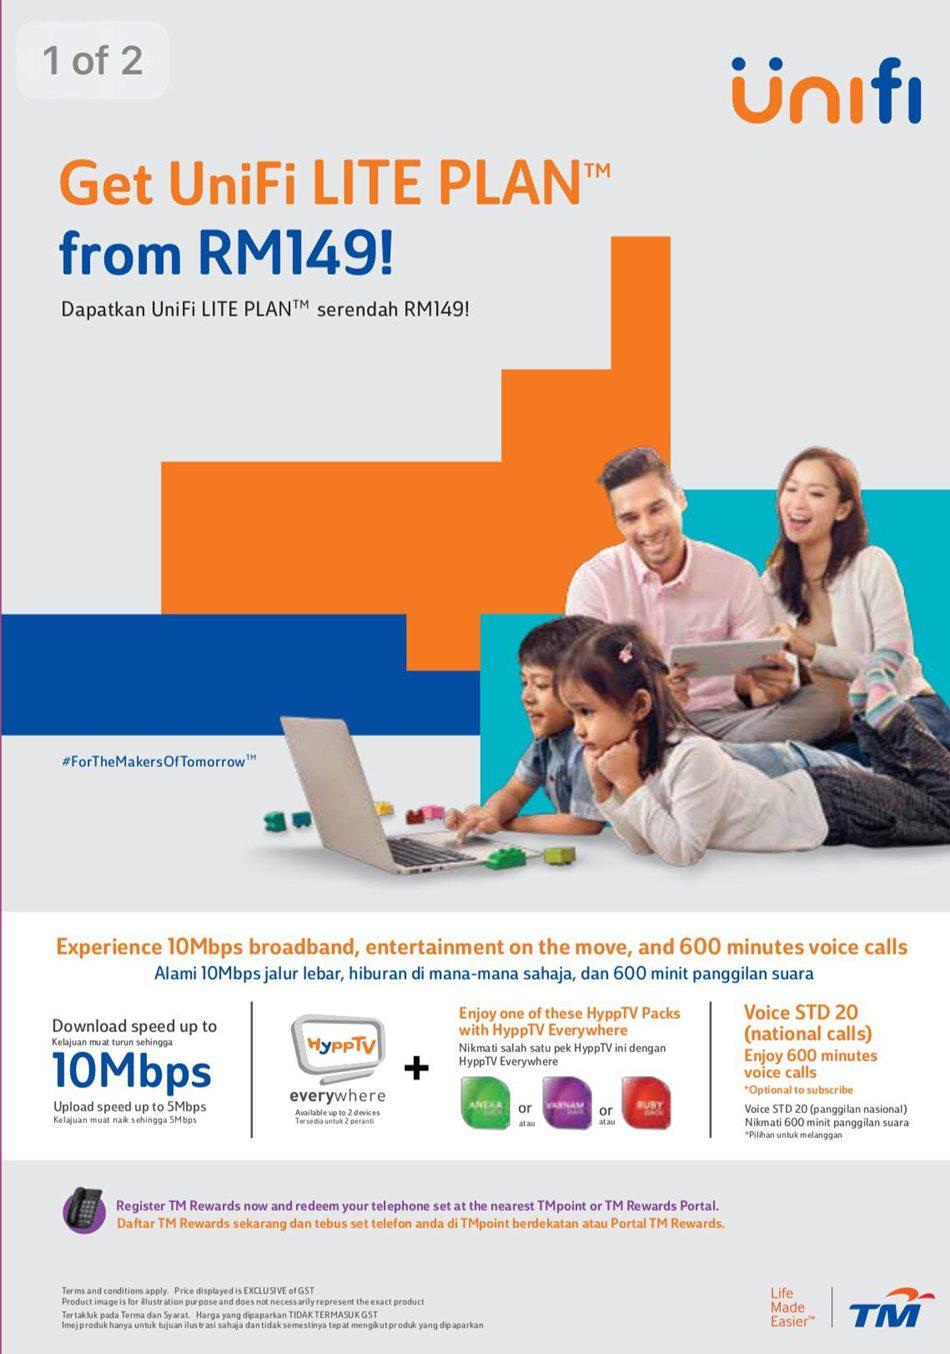 Unifi Lite Plan RM149 - 10Mbps download speed, No HyppTV set-top box? 1